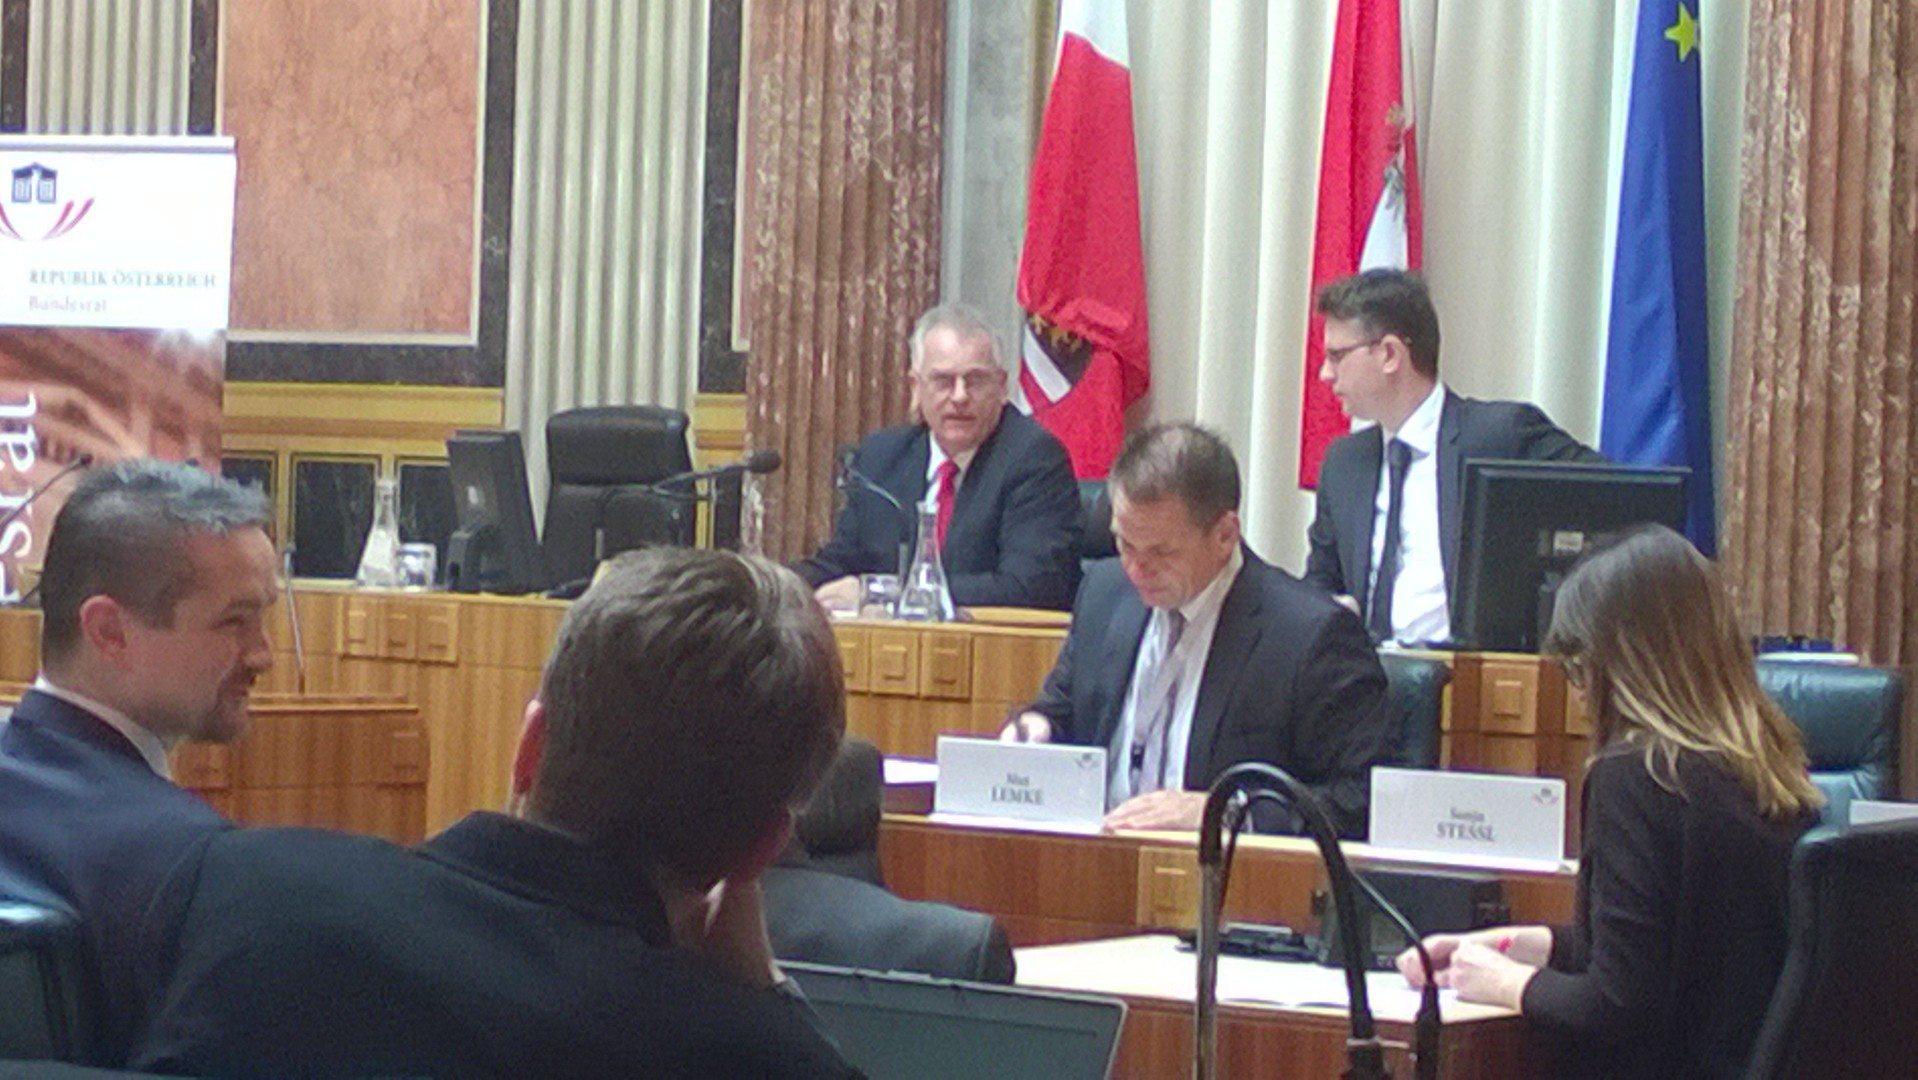 Parlamentarische Enquete Digitaler Wandel